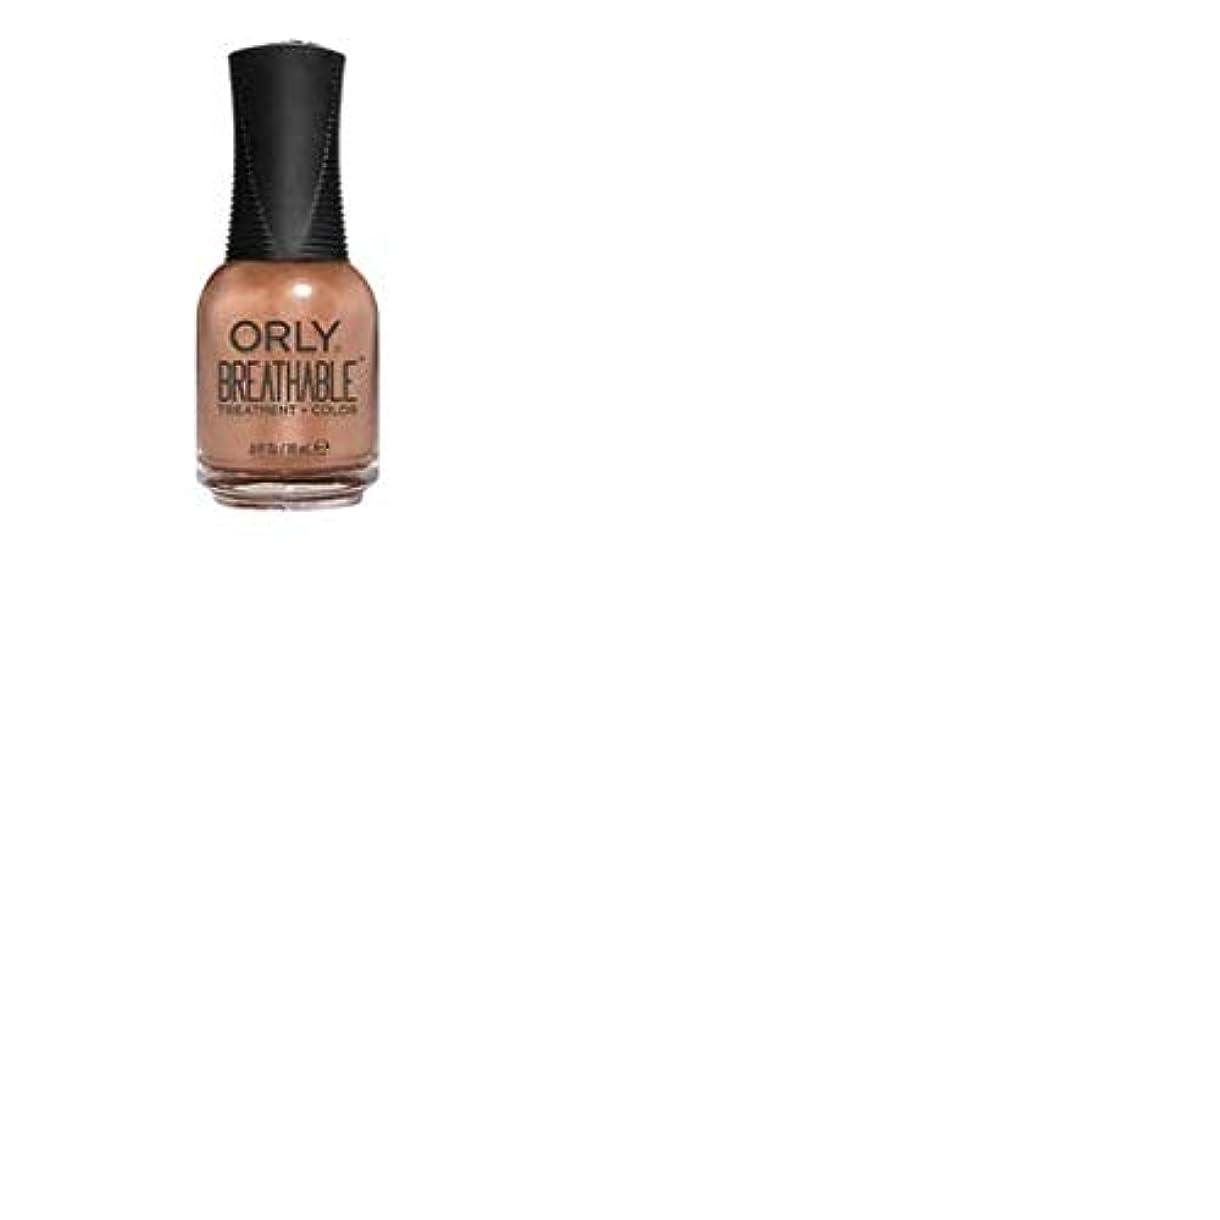 虐待ちなみにに慣れORLY Breathable Lacquer - Treatment+Color - Comet Relief - 18 mL / 0.6 oz